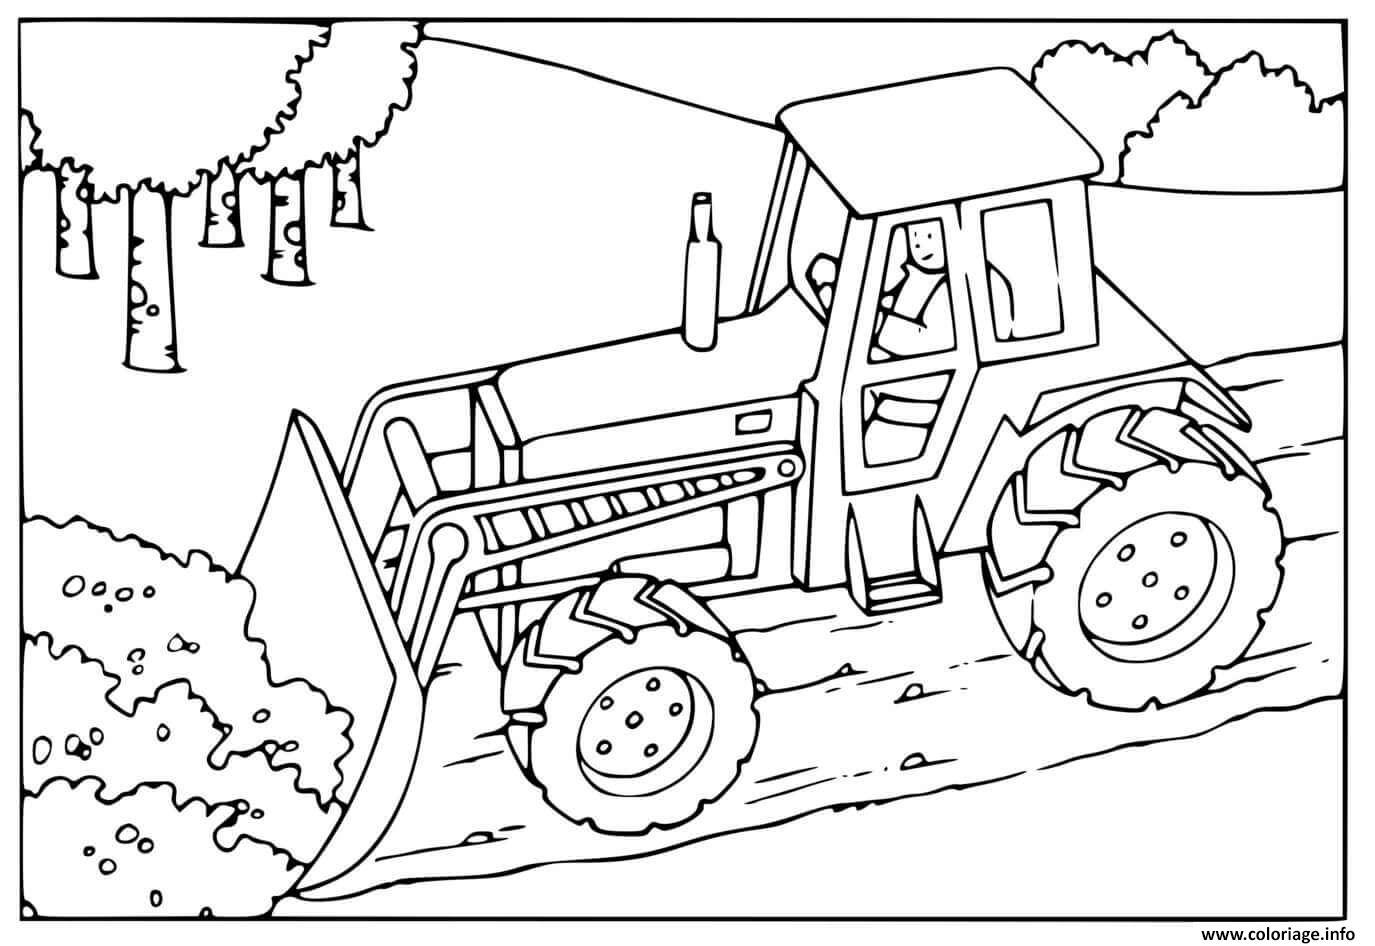 Dessin camion de construction chantier Coloriage Gratuit à Imprimer